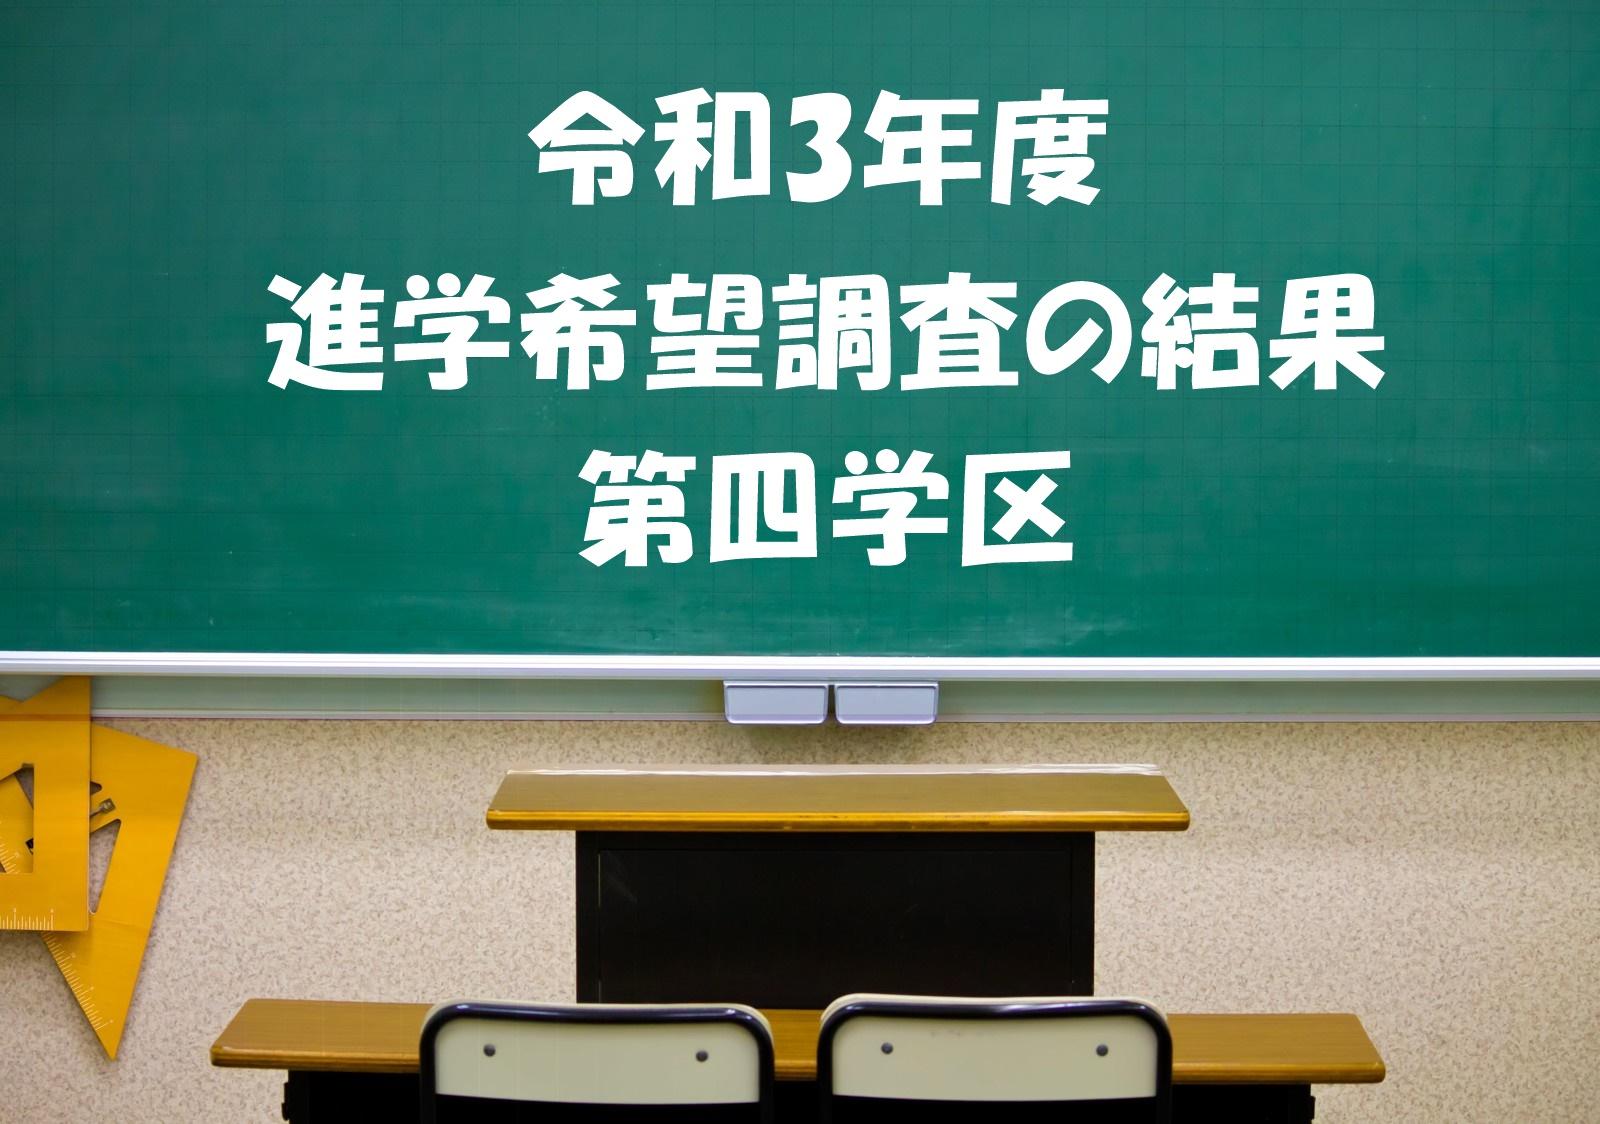 高校 入試 兵庫 県 2021 公立 兵庫県公立高校入試2021・問題概要と難易度